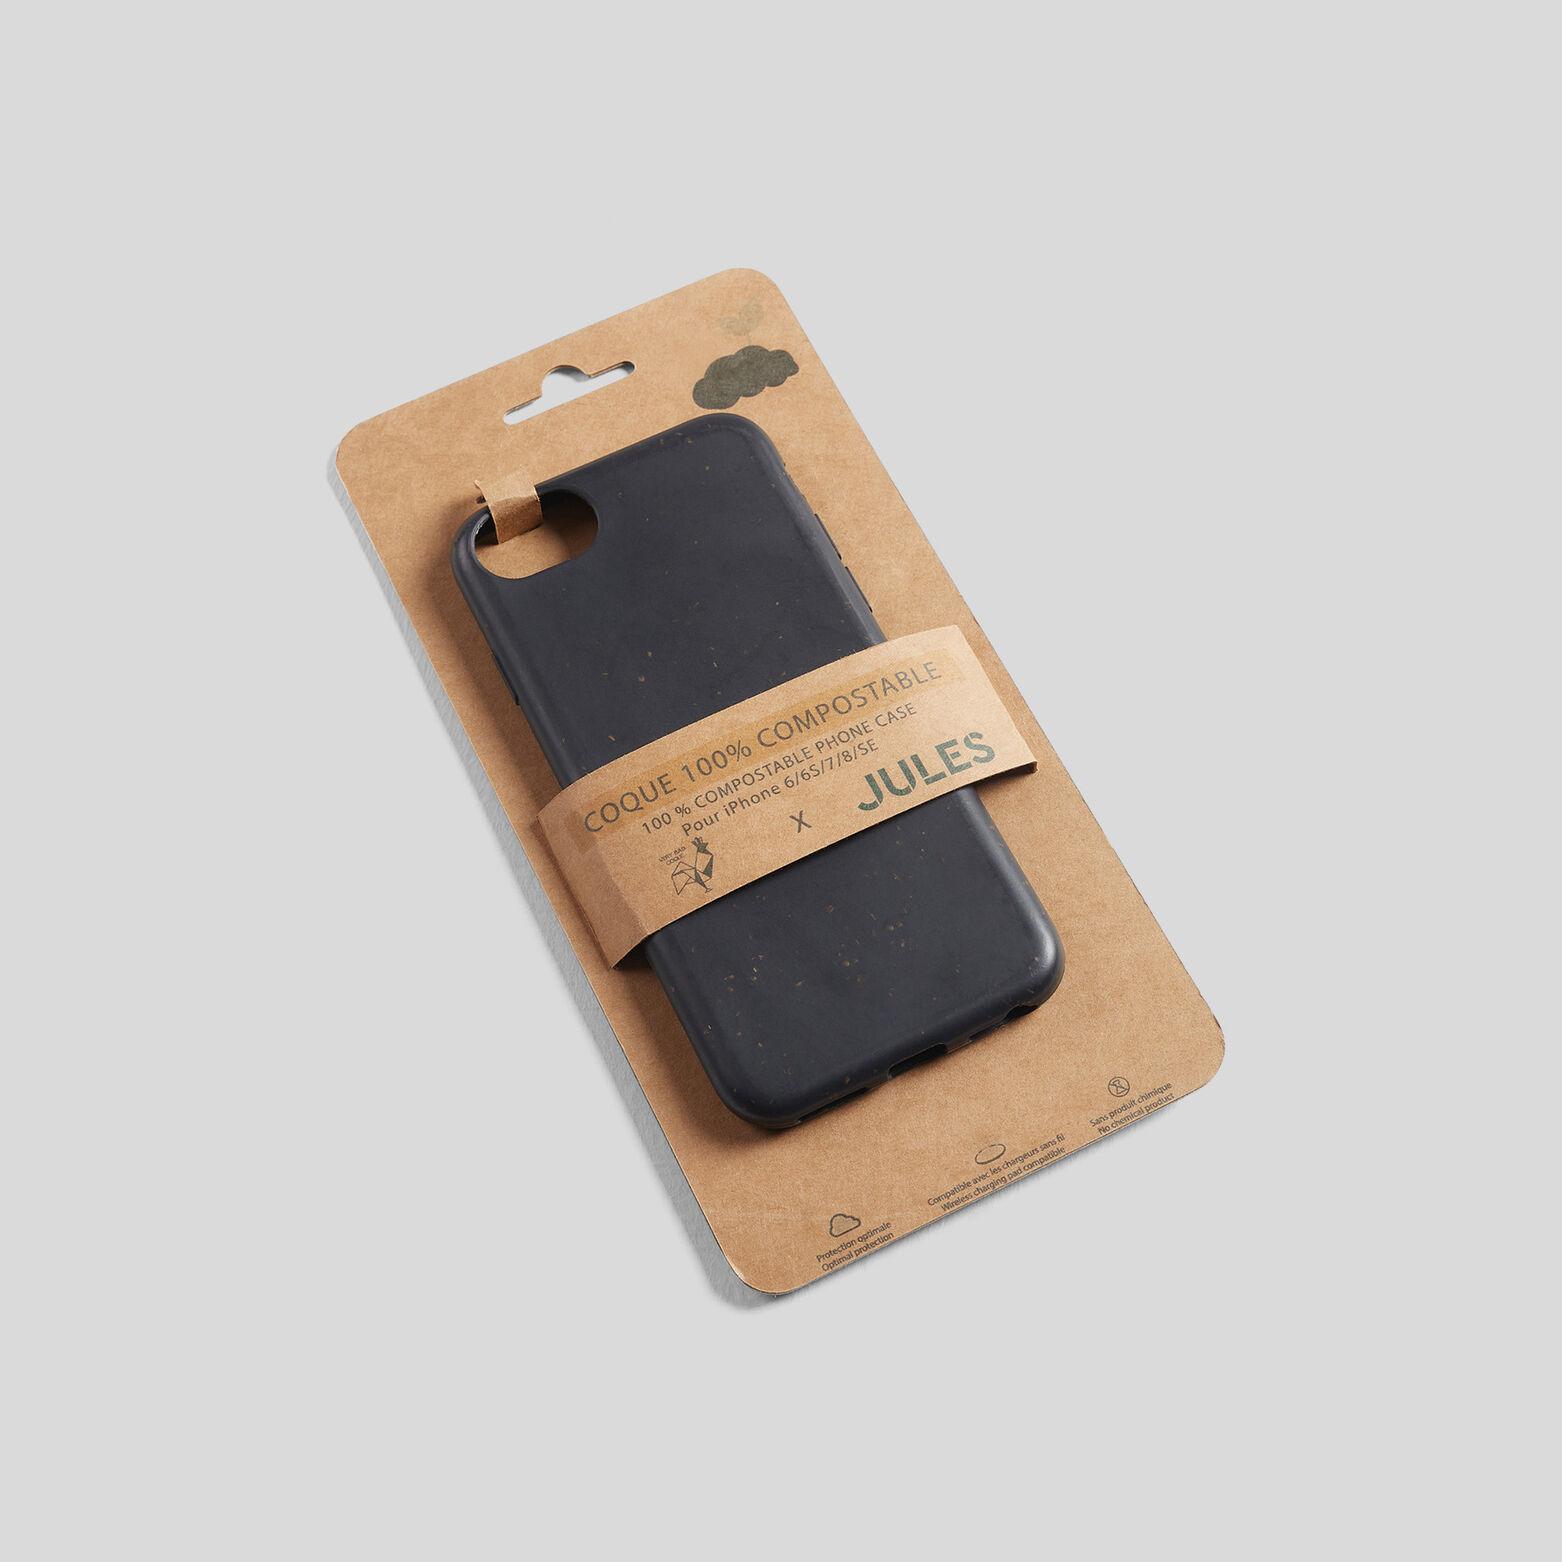 Coque de téléphone biodégradable